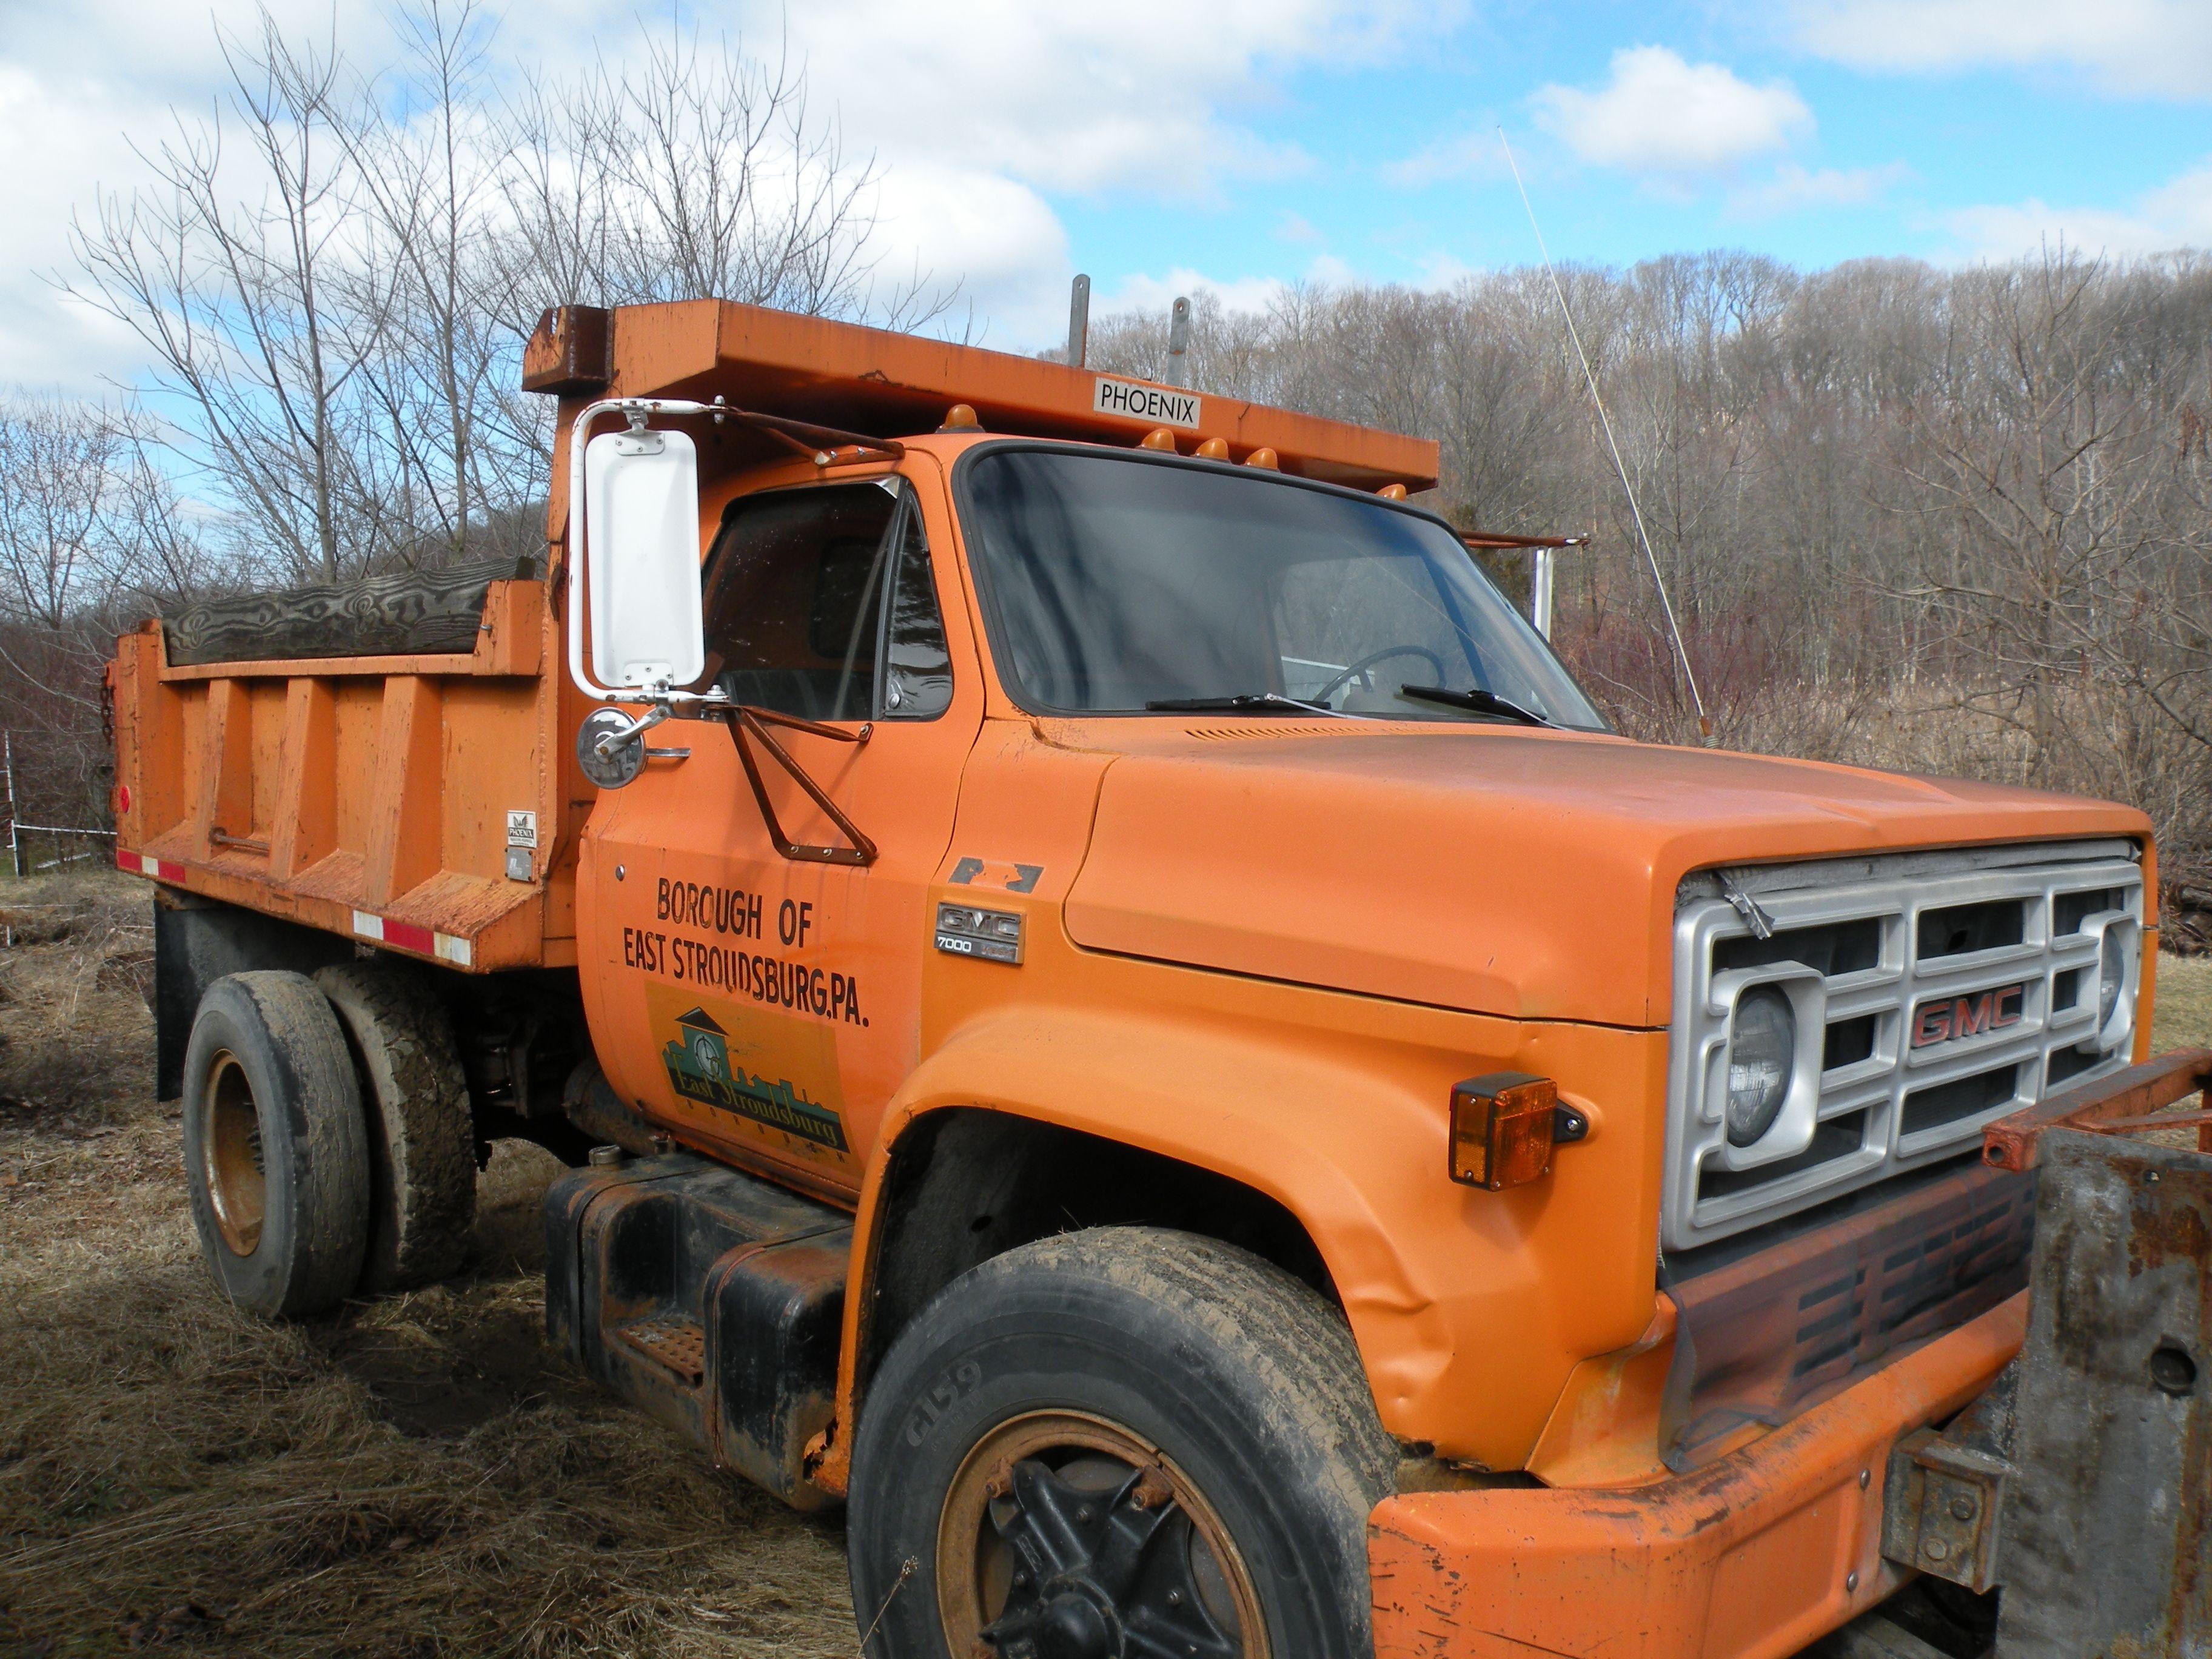 1979 gmc dump truck for sale on dump trucks pinterest dump trucks for sale. Black Bedroom Furniture Sets. Home Design Ideas